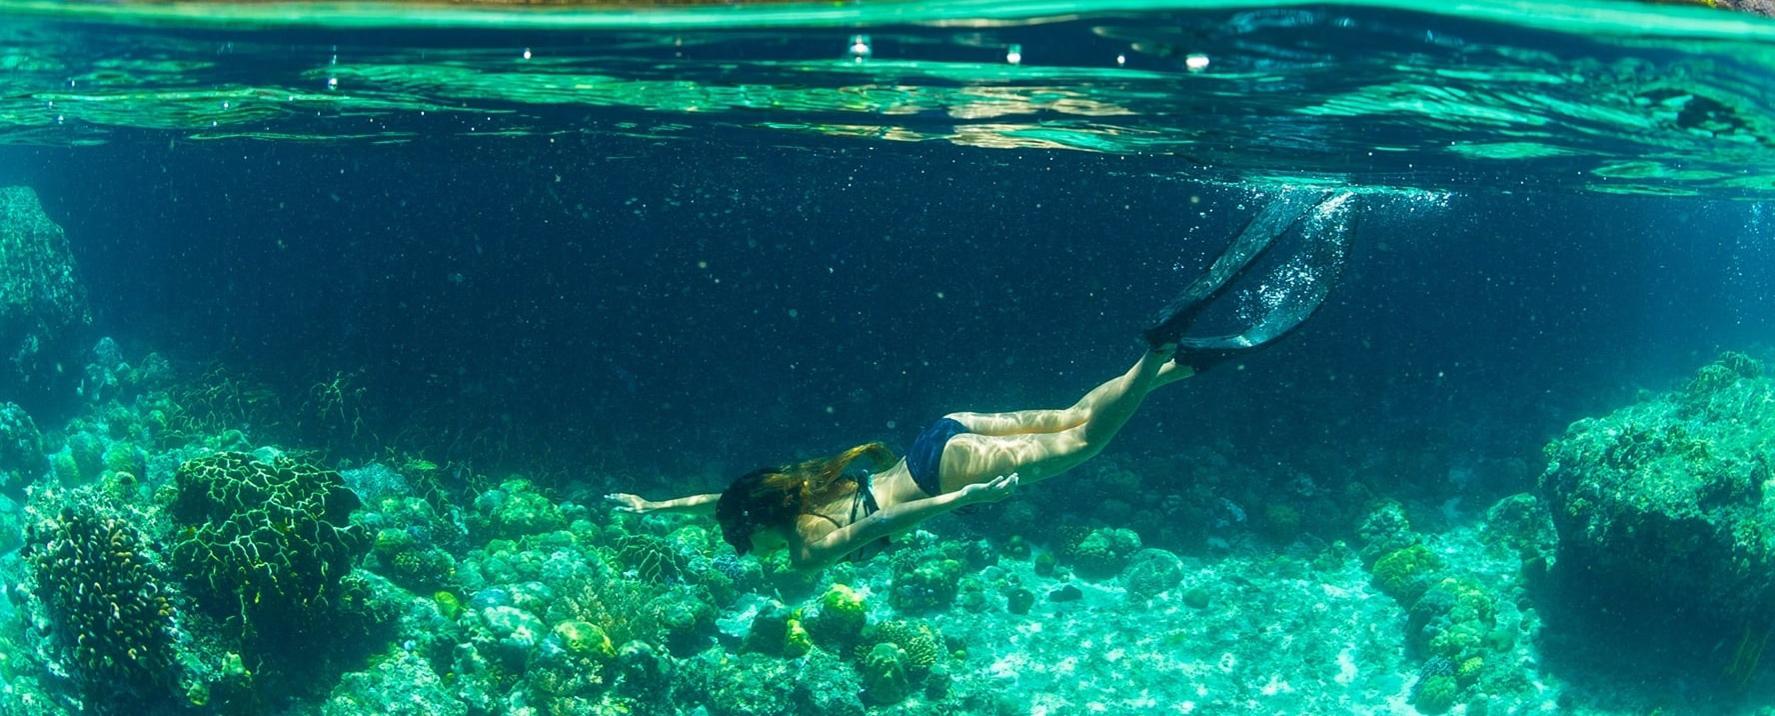 Cebu Pescador Island Private Day Tour with Transfers from Cebu City or Mactan